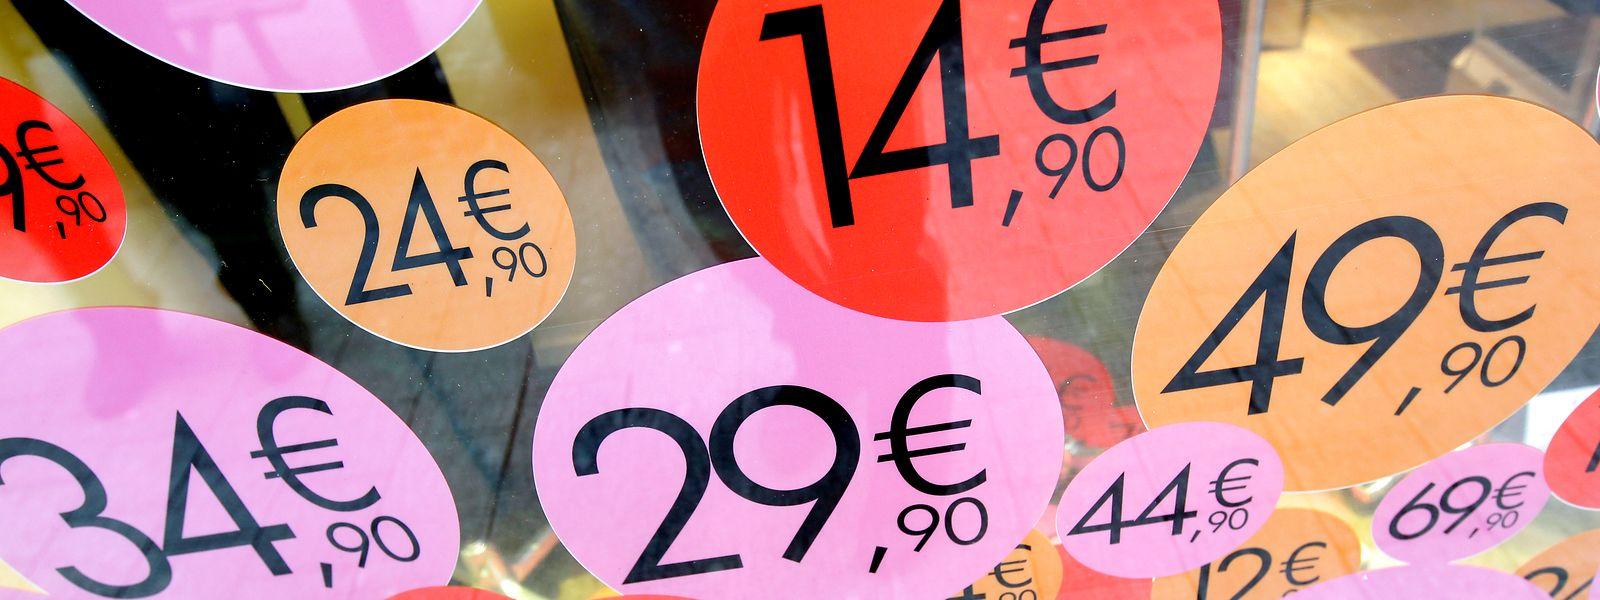 Sitôt la crise passée, et le moral des consommateurs revenu, toute l'épargne ne filera pas immédiatement vers la consommation, envisage le Statec.